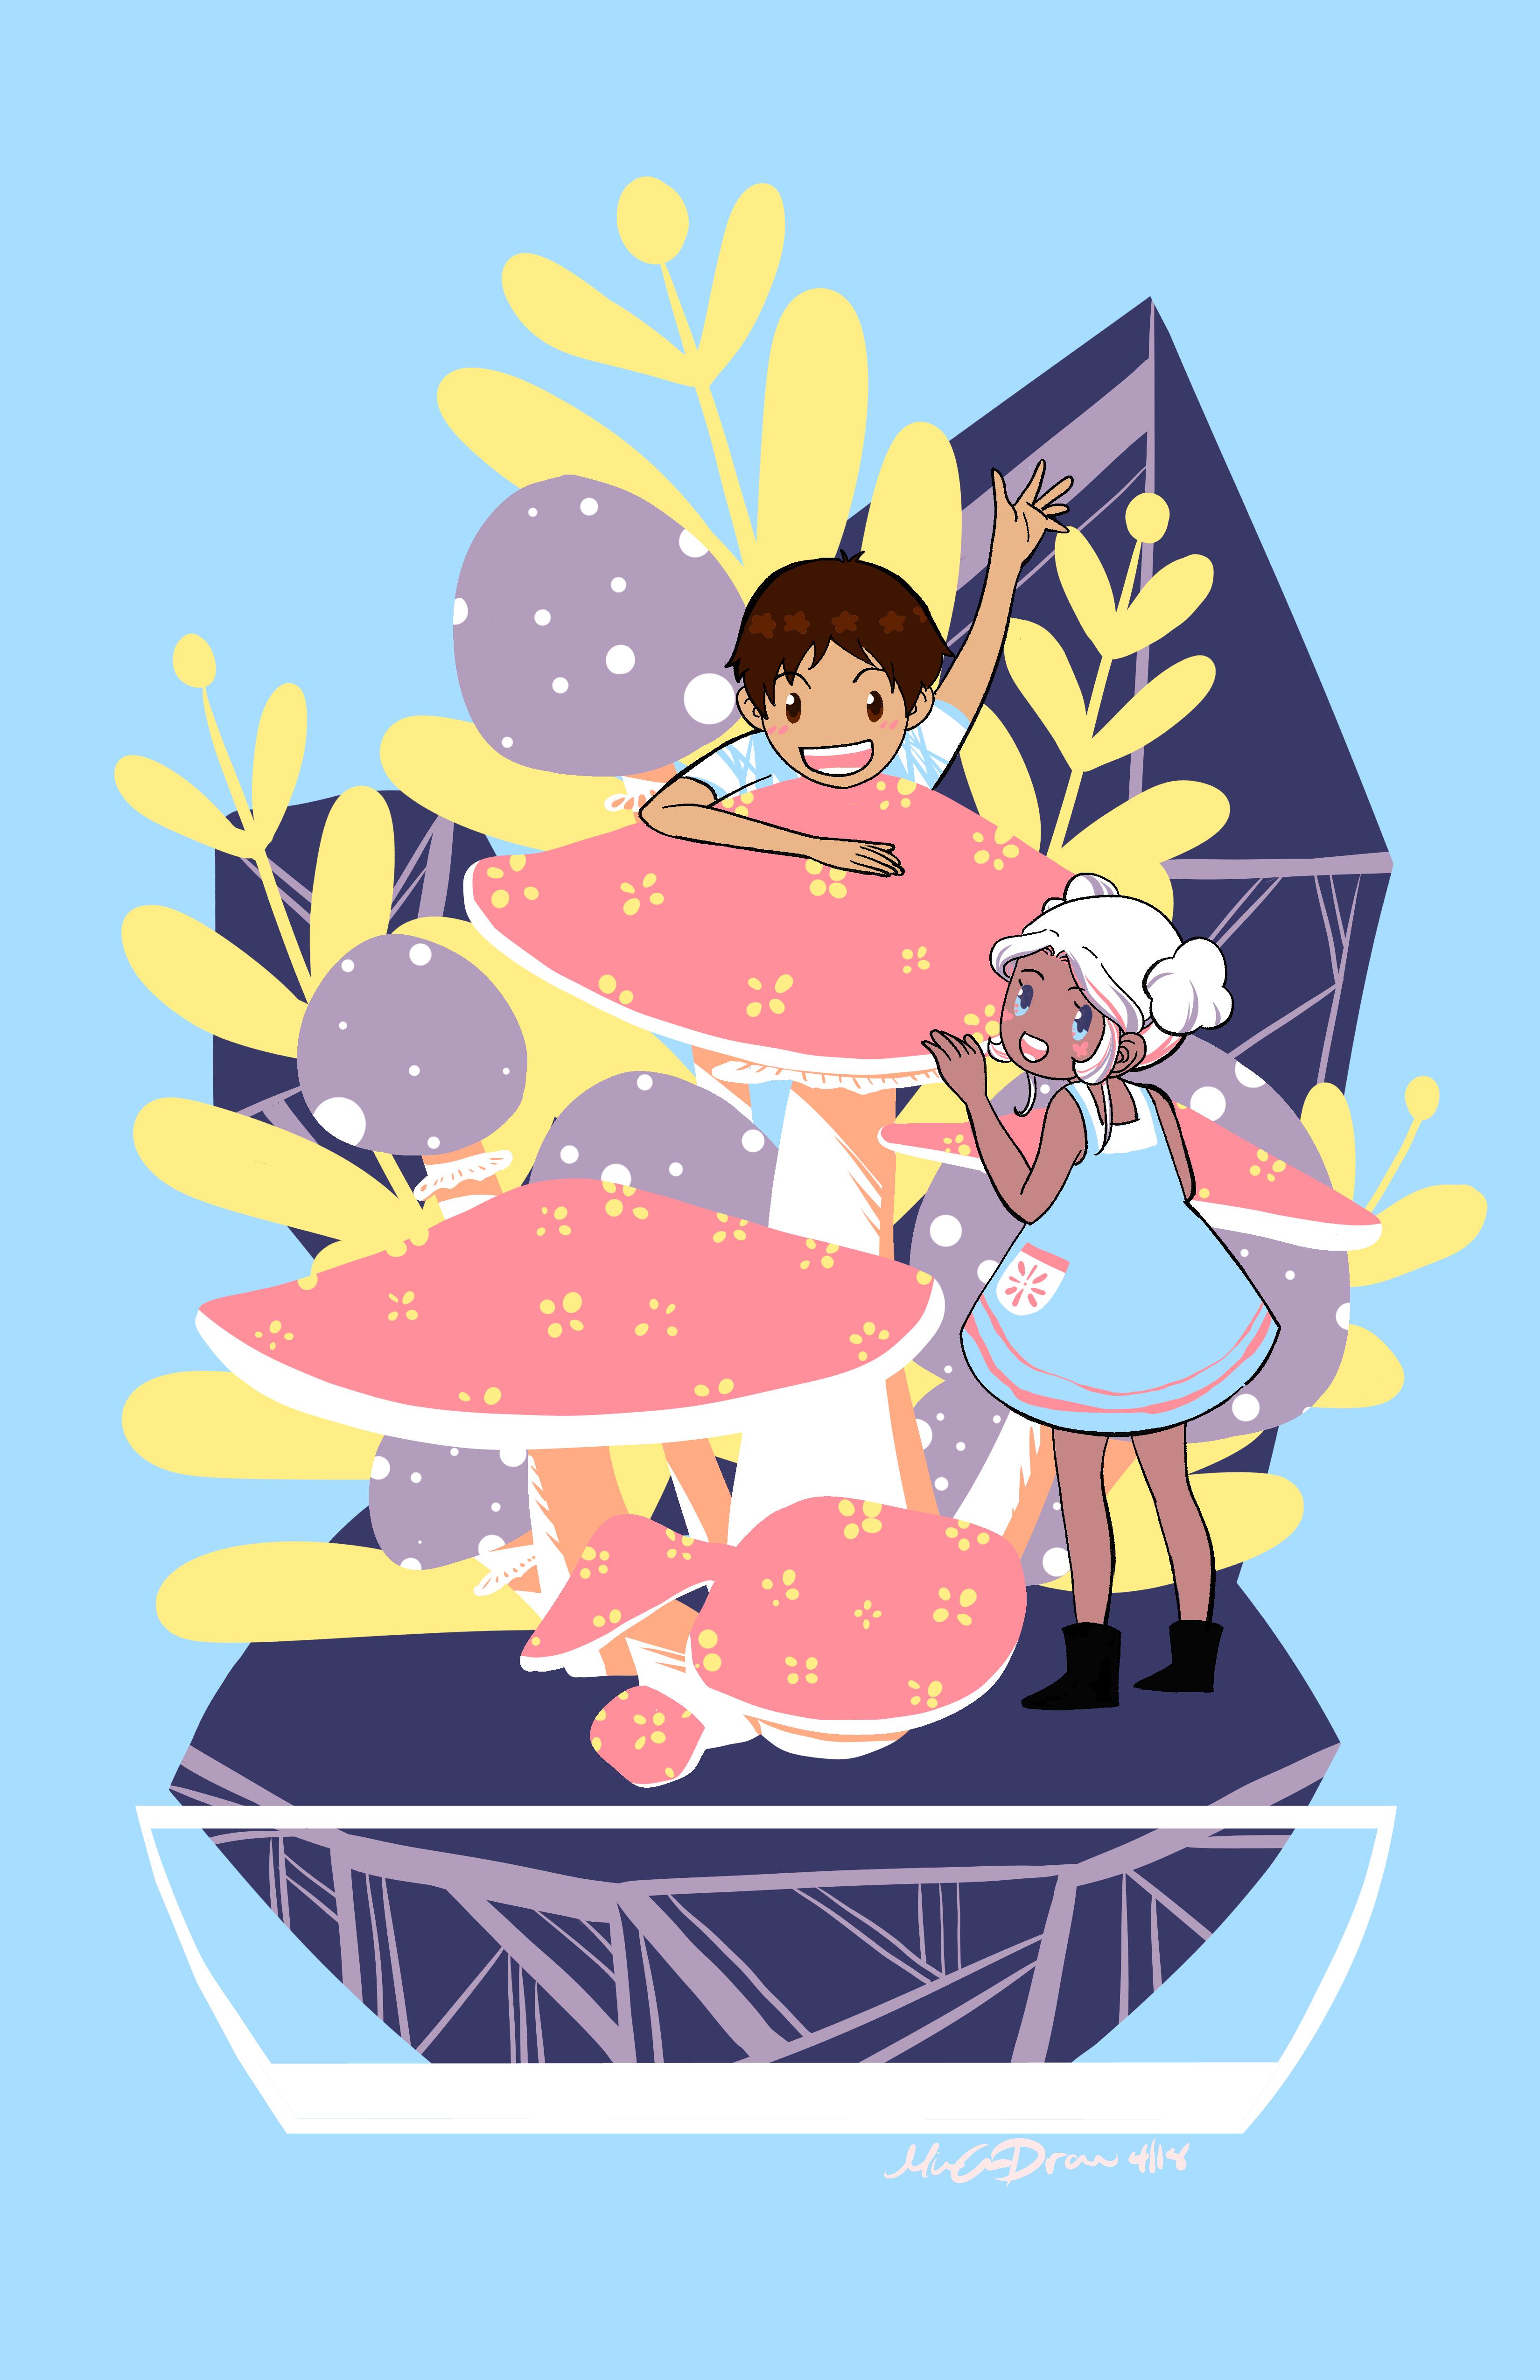 Mushroom Series #6